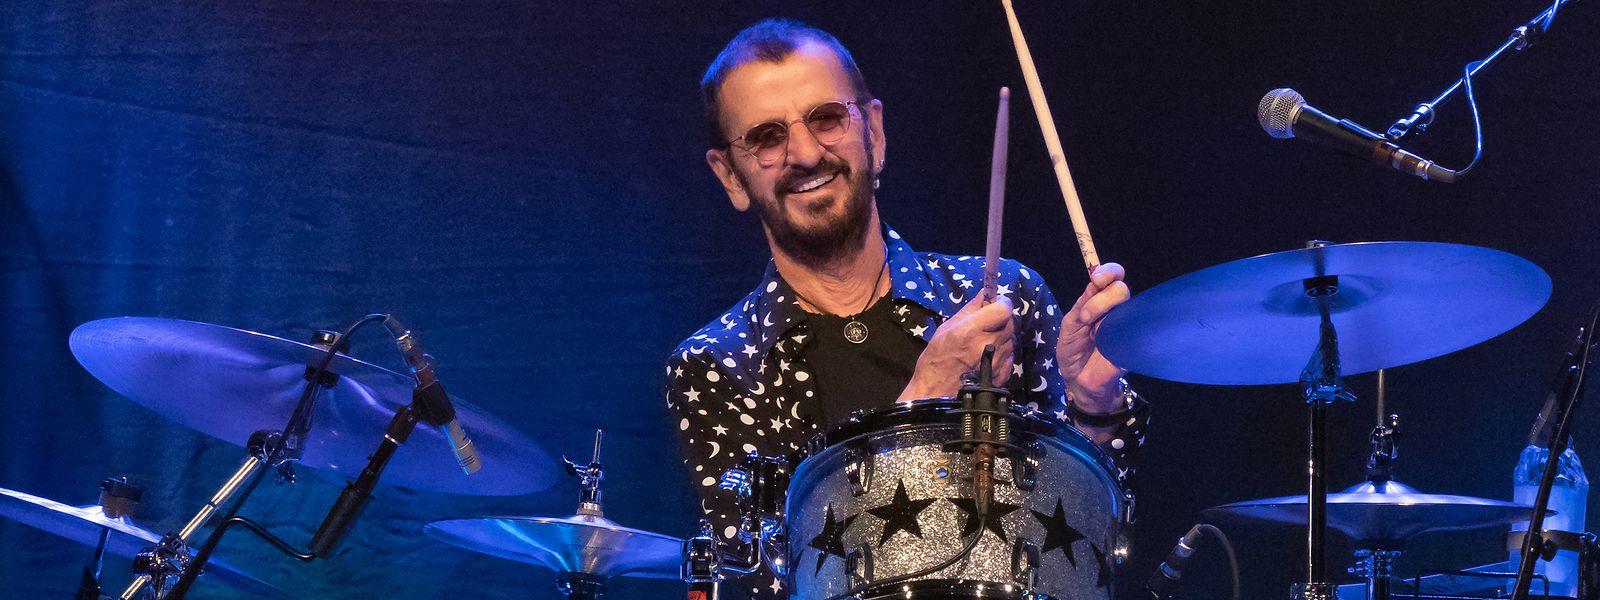 Ringo Starr gastierte mit seiner All-Starr-Band am 4. Juli 2018 in der Escher Rockhal